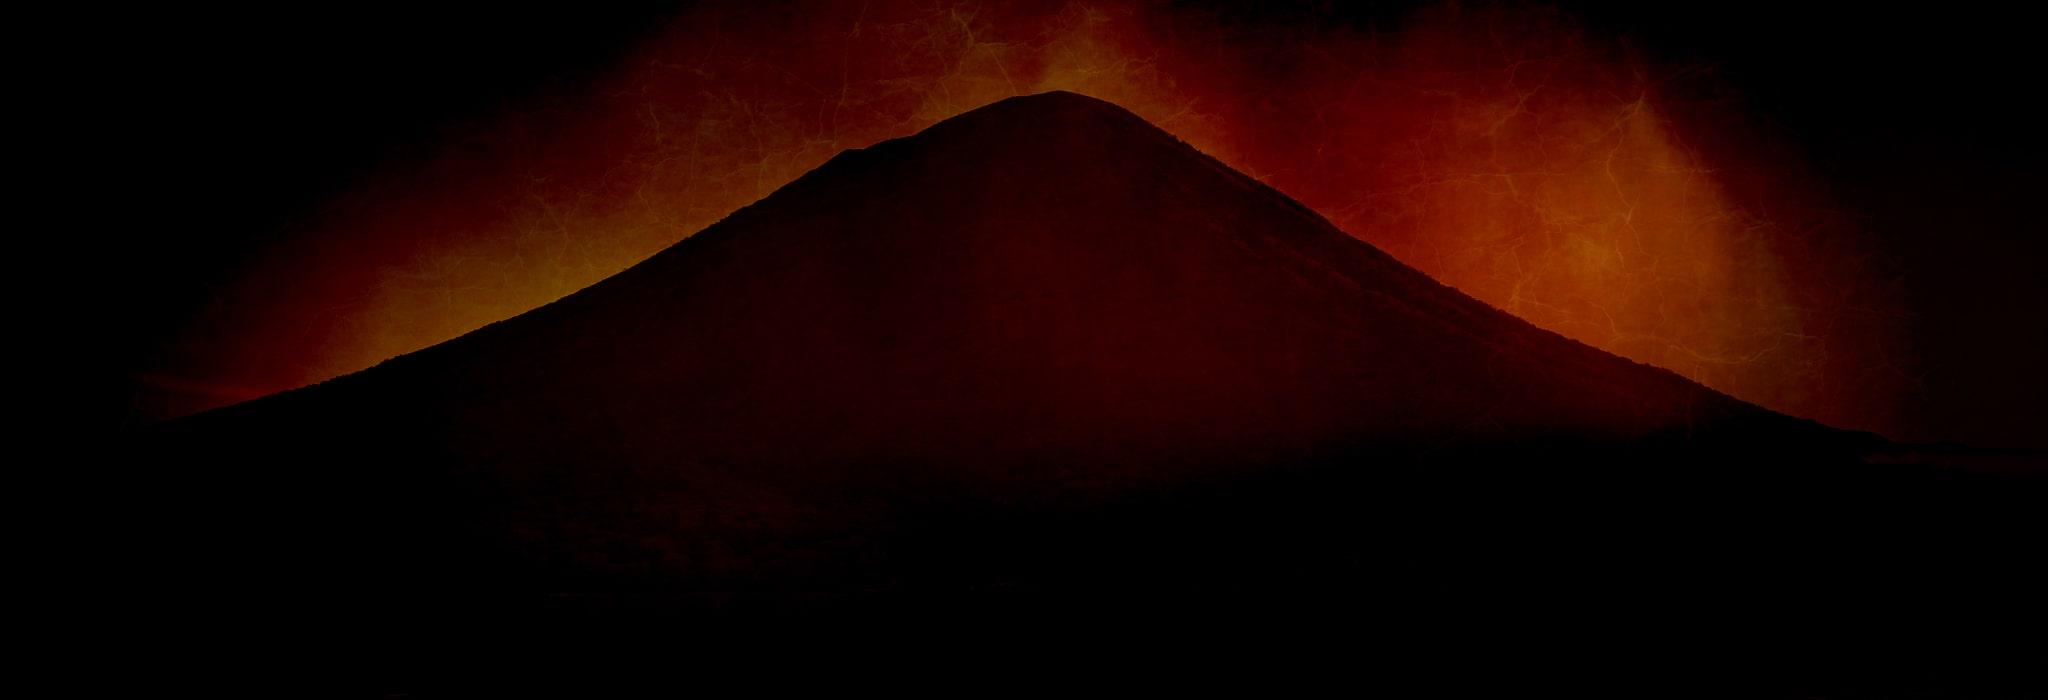 中禅寺湖 2021年第3戦目 / 釣行記録